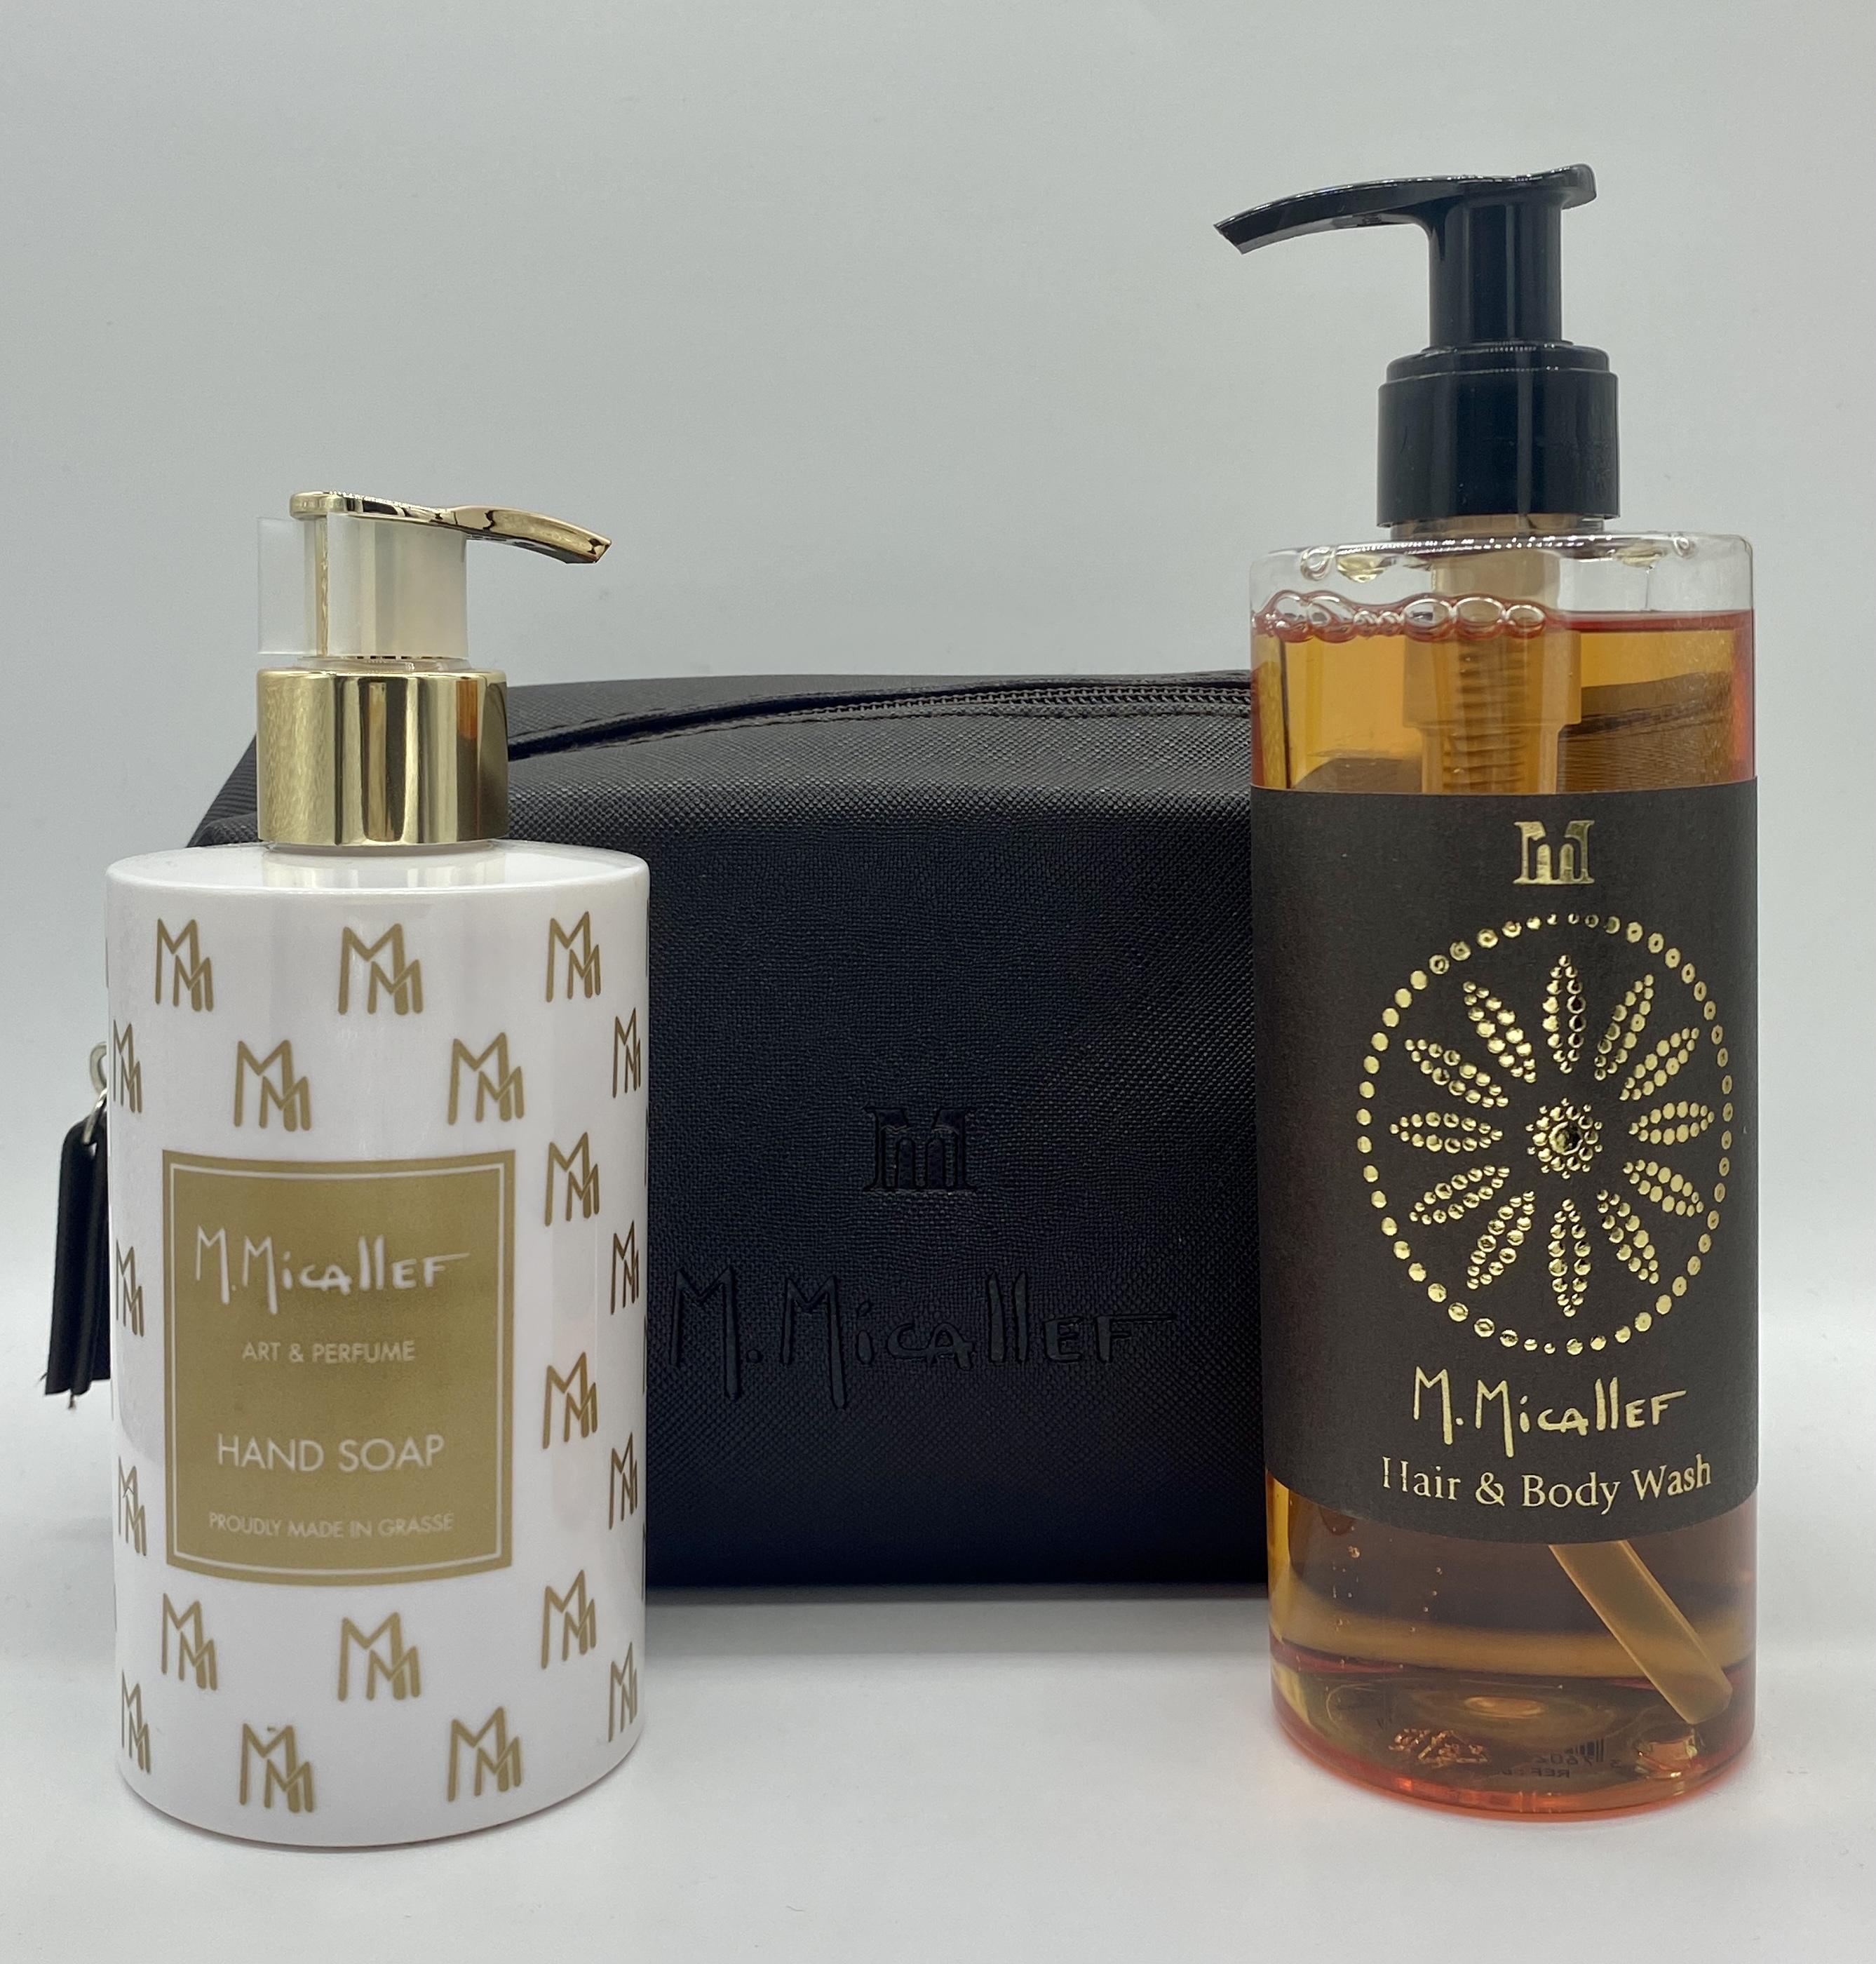 M.Micallef Geschenkset - Hand Soap 250ml + Hair & Body Wash 300ml + Kulturbeutel